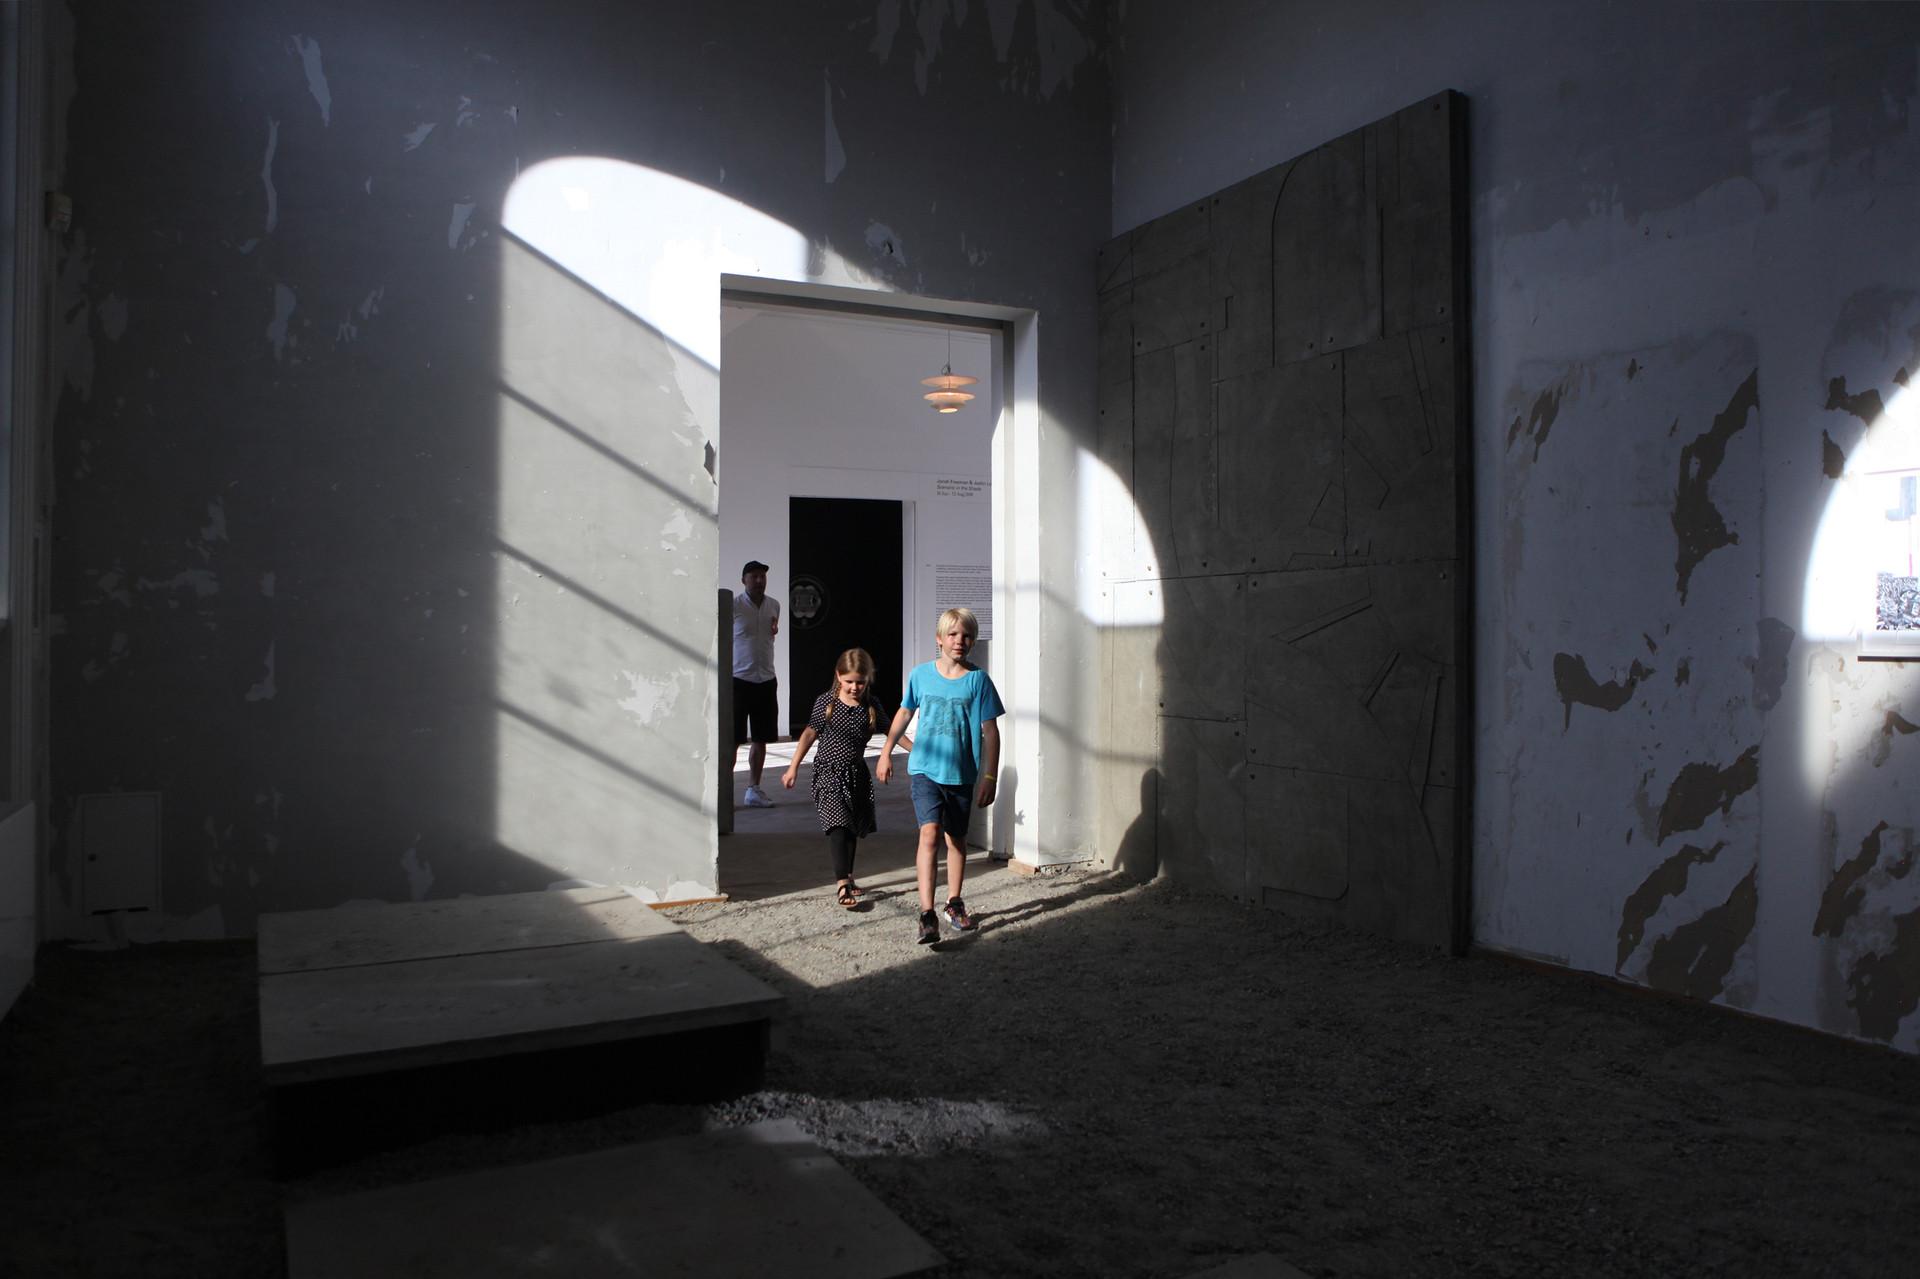 vilde livsdatter_exhibitions-1479.jpg